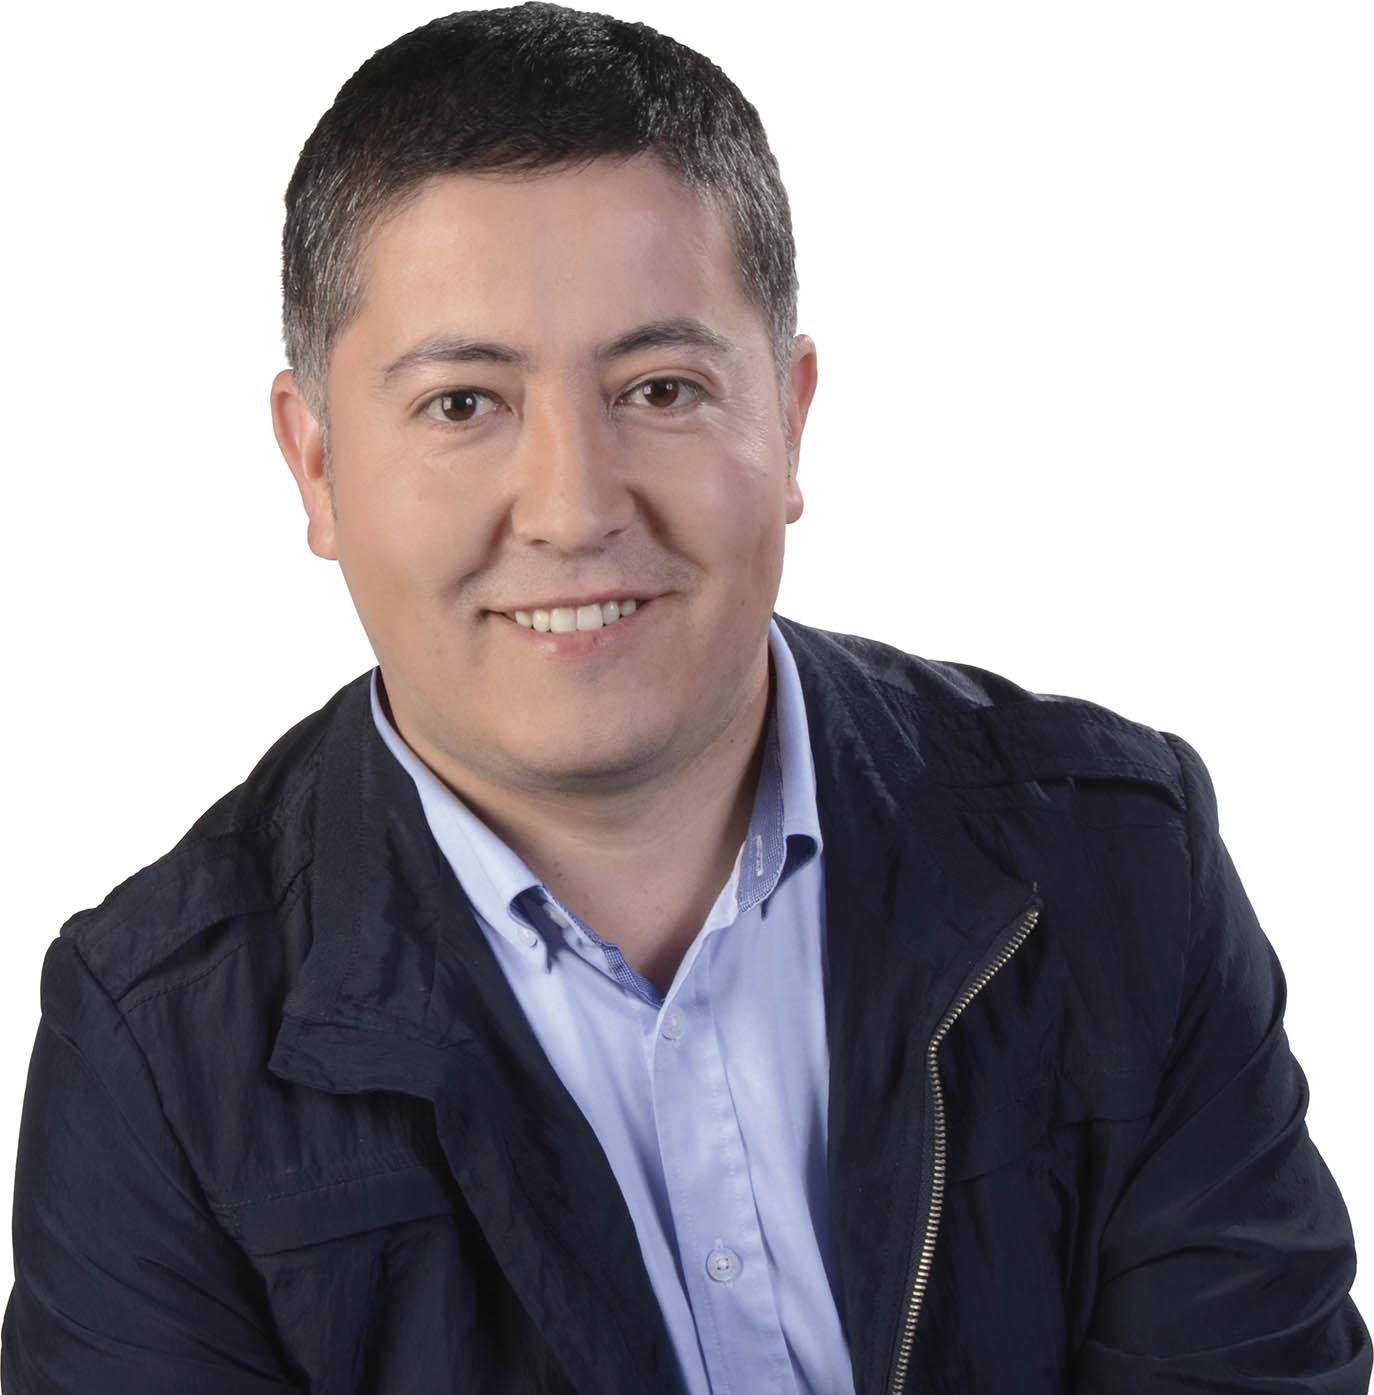 Freddy Seguel